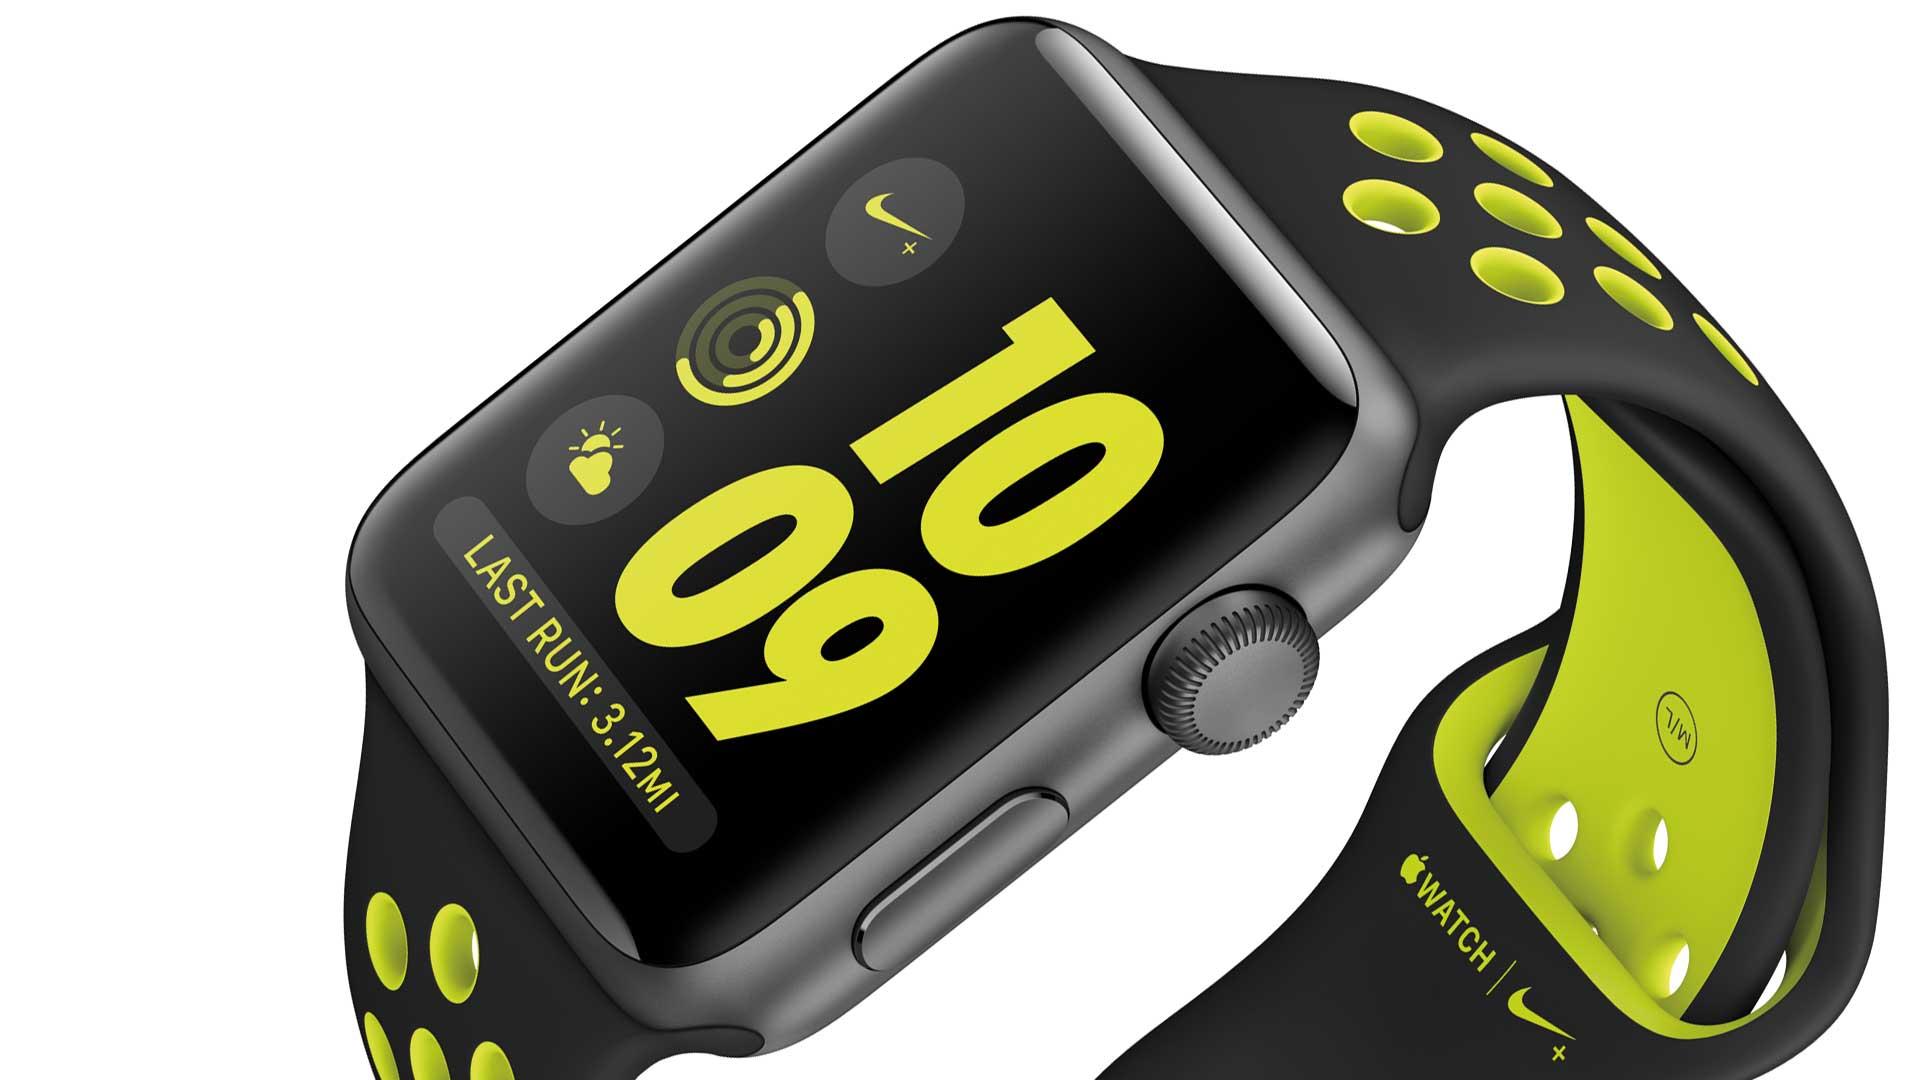 Очевидно, в apple не хотят реализовать в apple watch сразу все имеющиеся идеи.